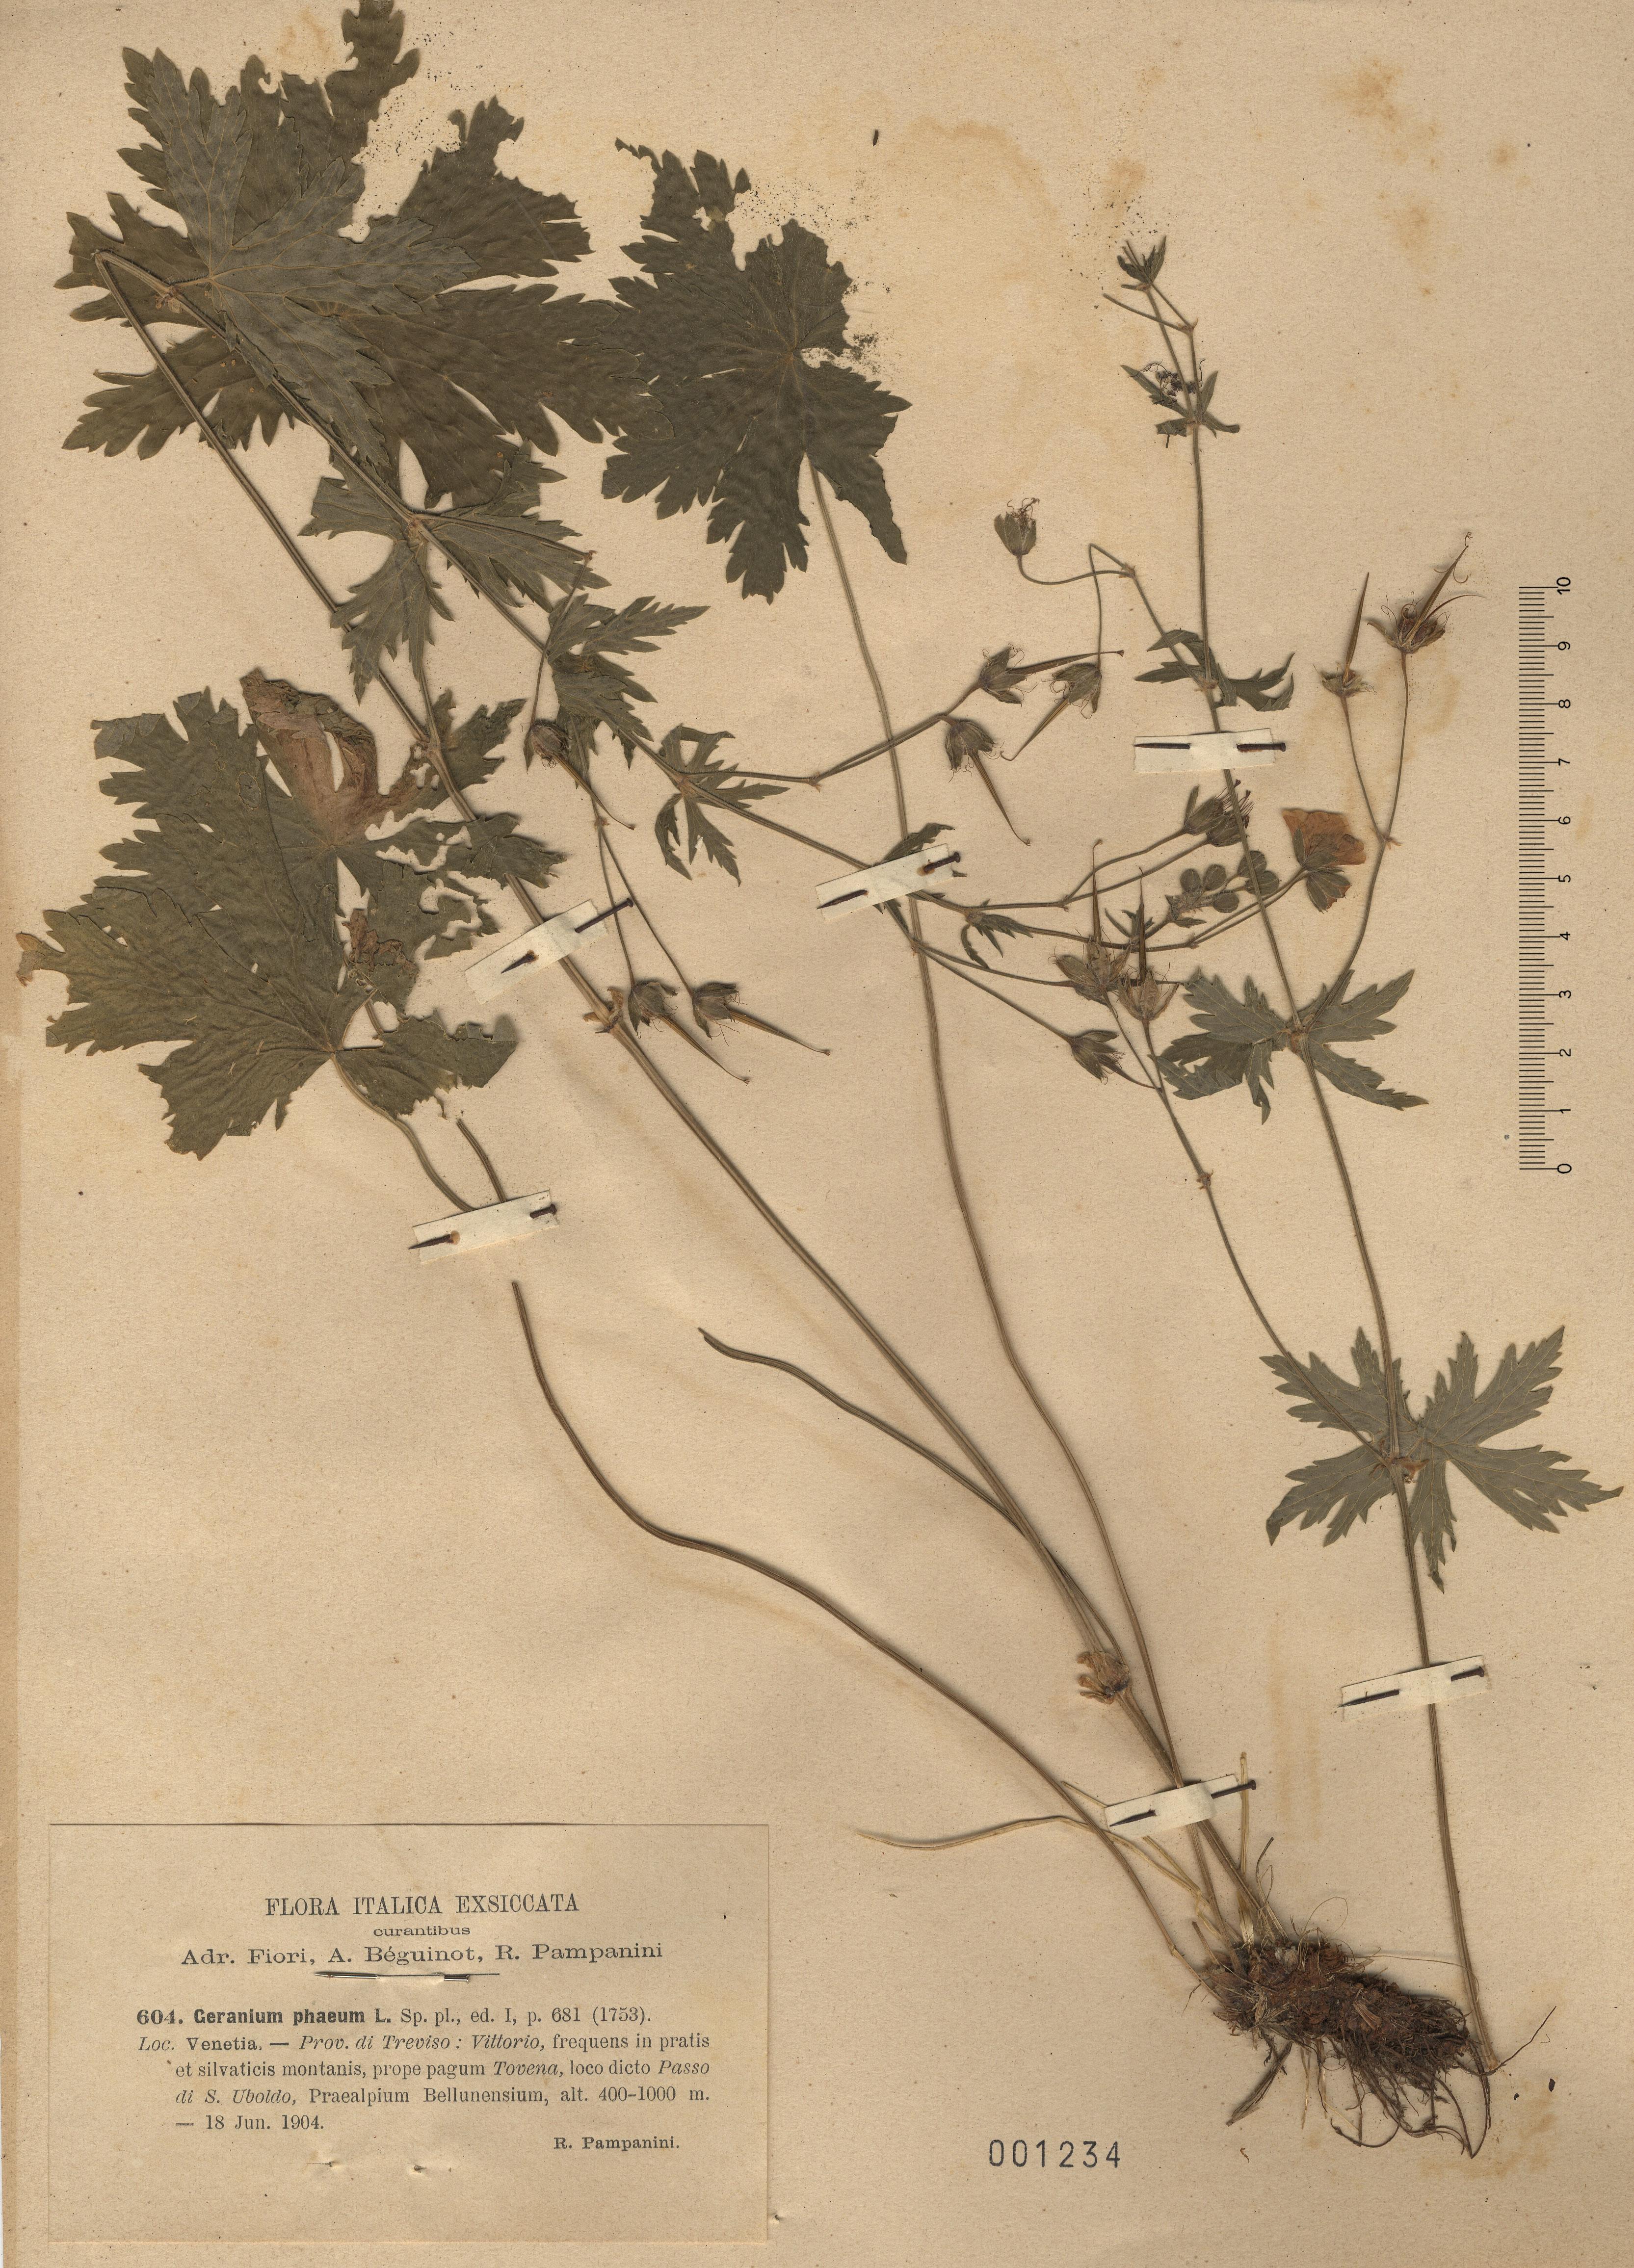 © Hortus Botanicus Catinensis - Herb. sheet 001234<br>